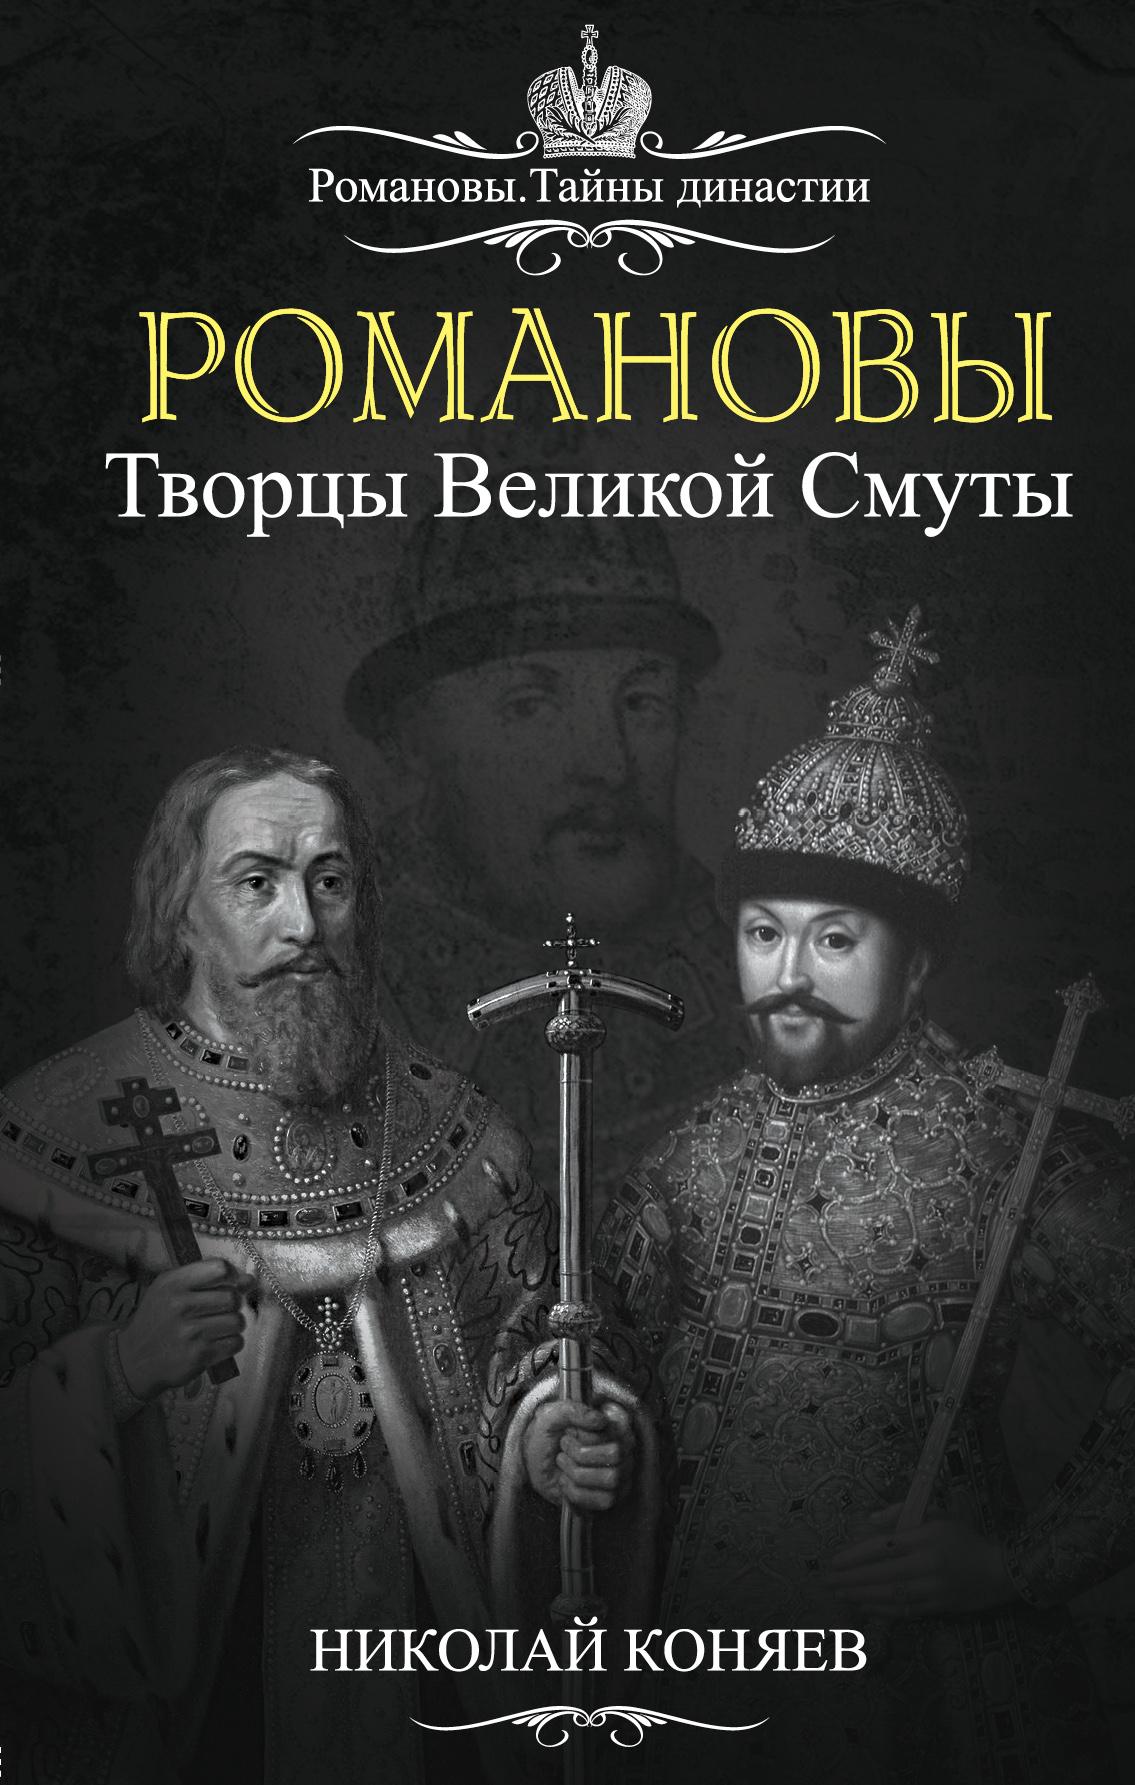 Николай Коняев Романовы. Творцы Великой Смуты